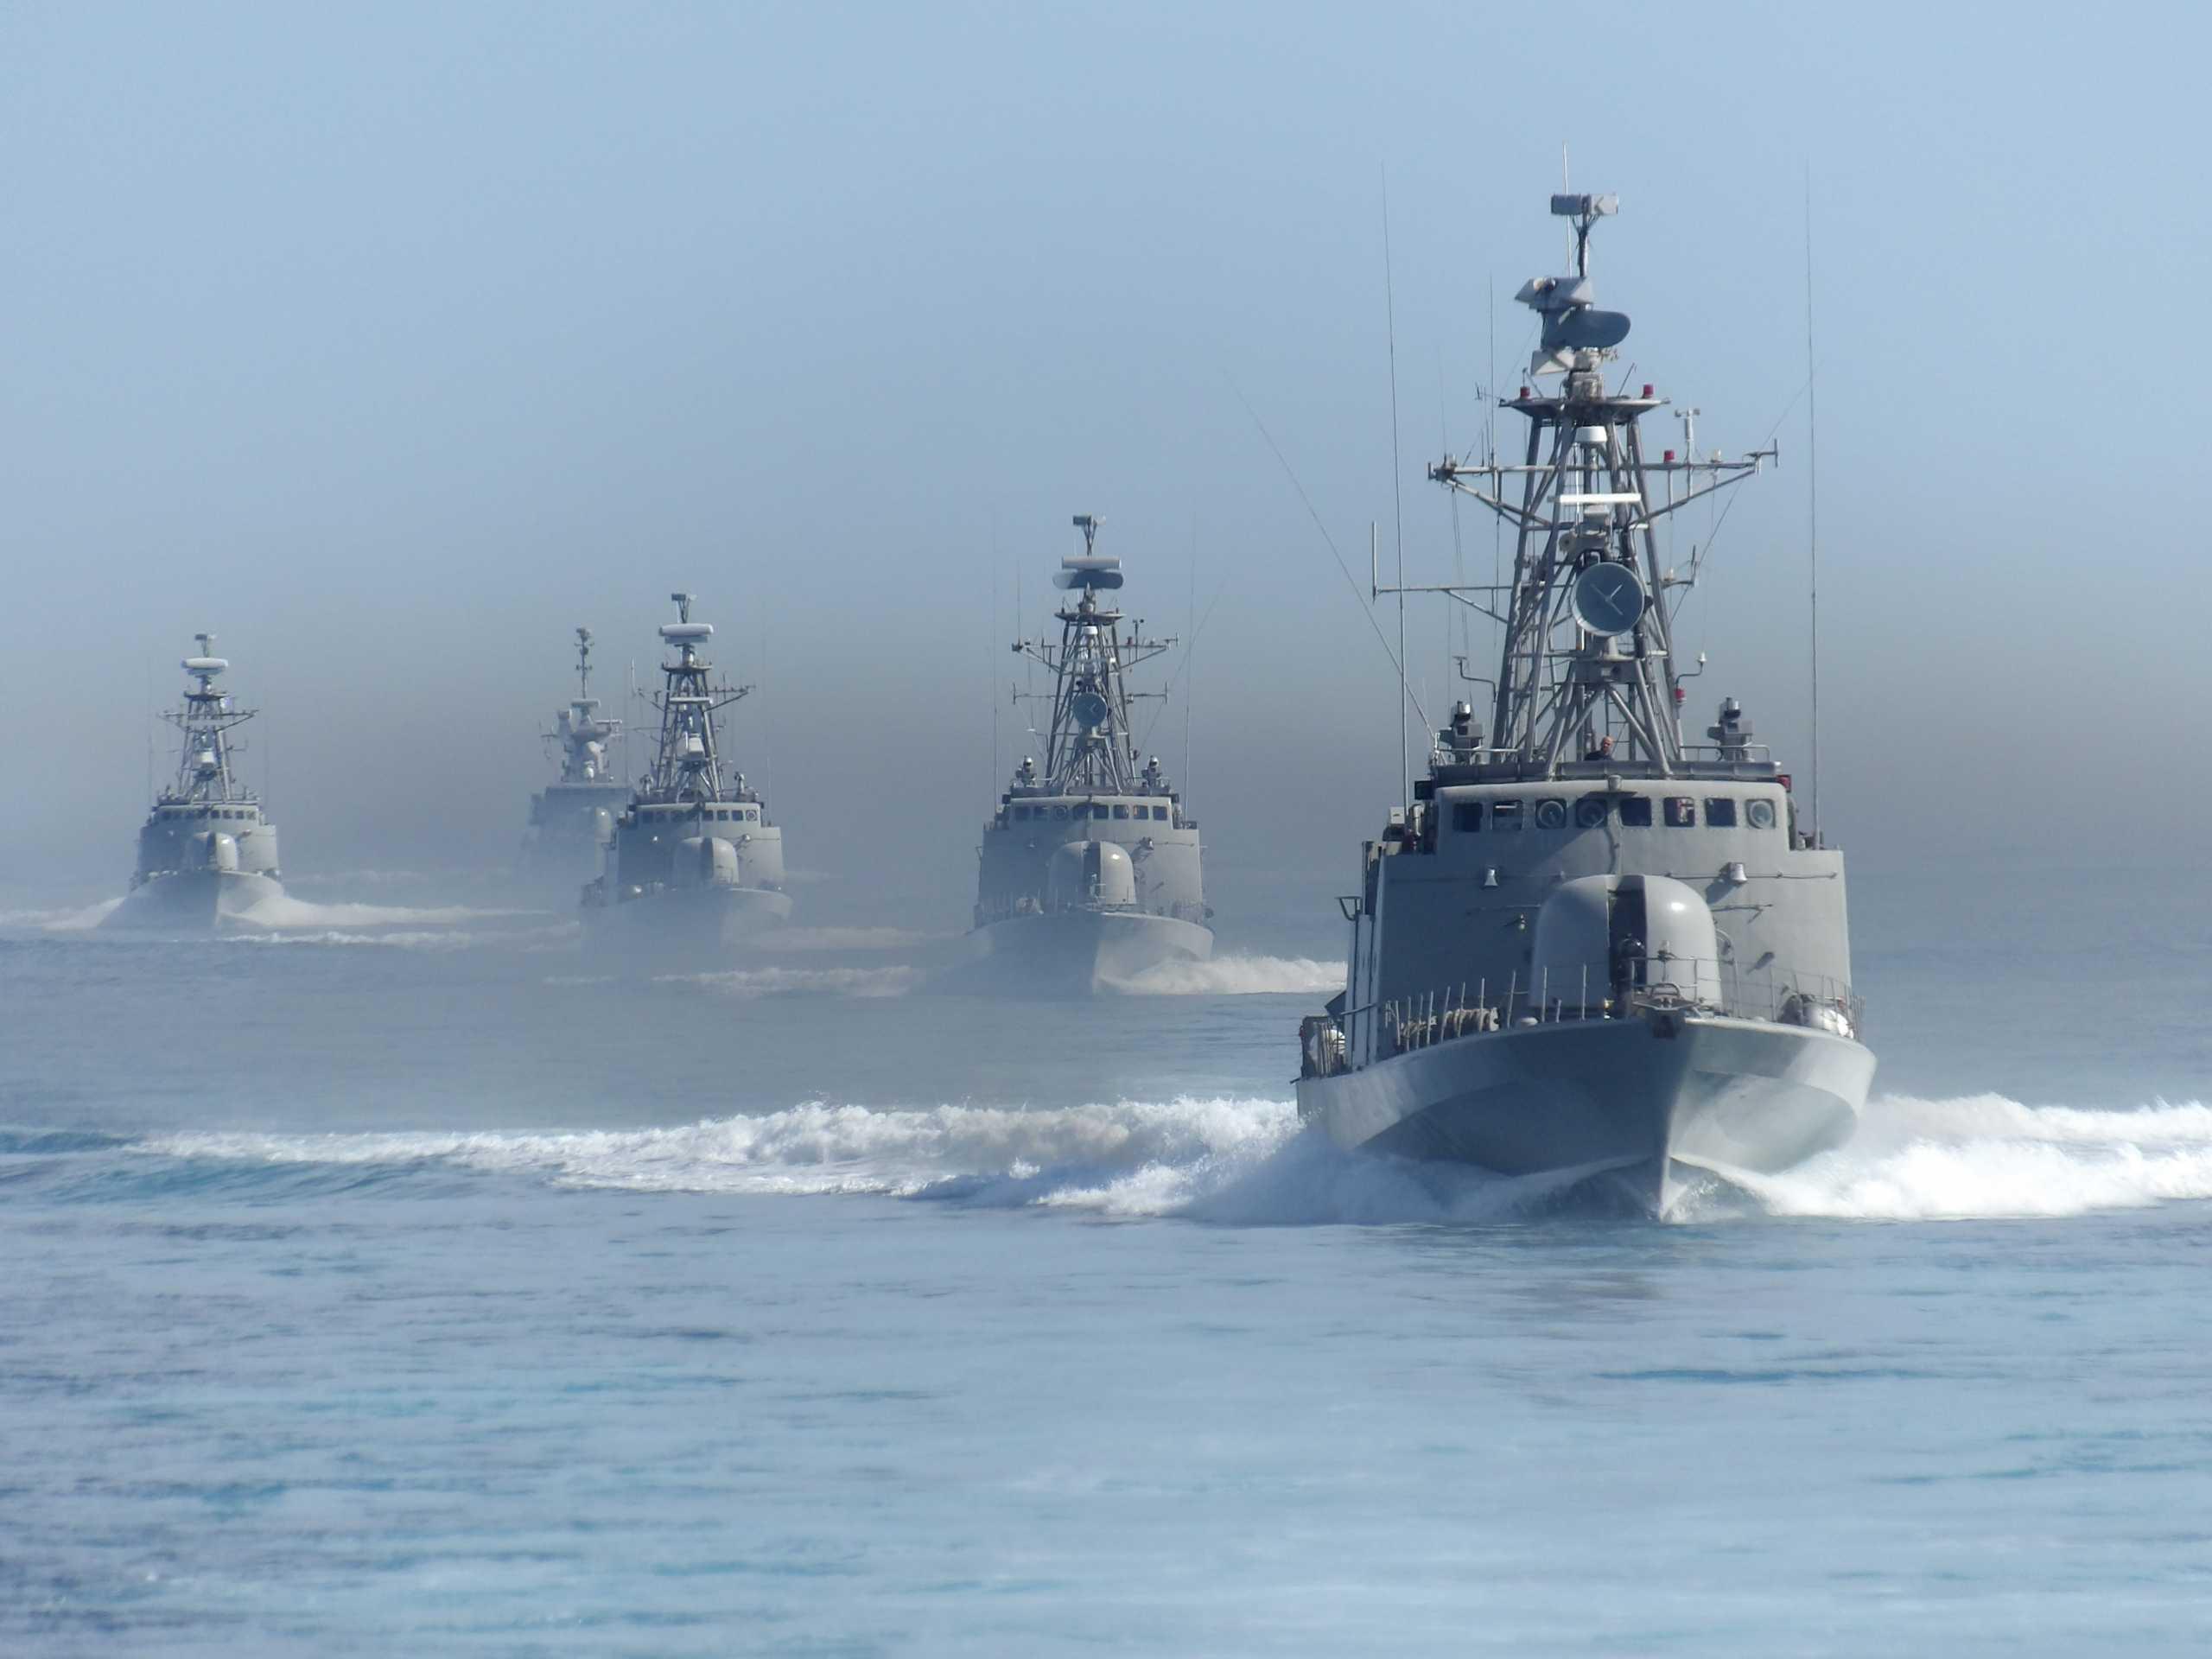 Πολεμικό Ναυτικό: Εντυπωσιακά πλάνα από Επιχειρησιακή Εκπαίδευση [vid, pics]